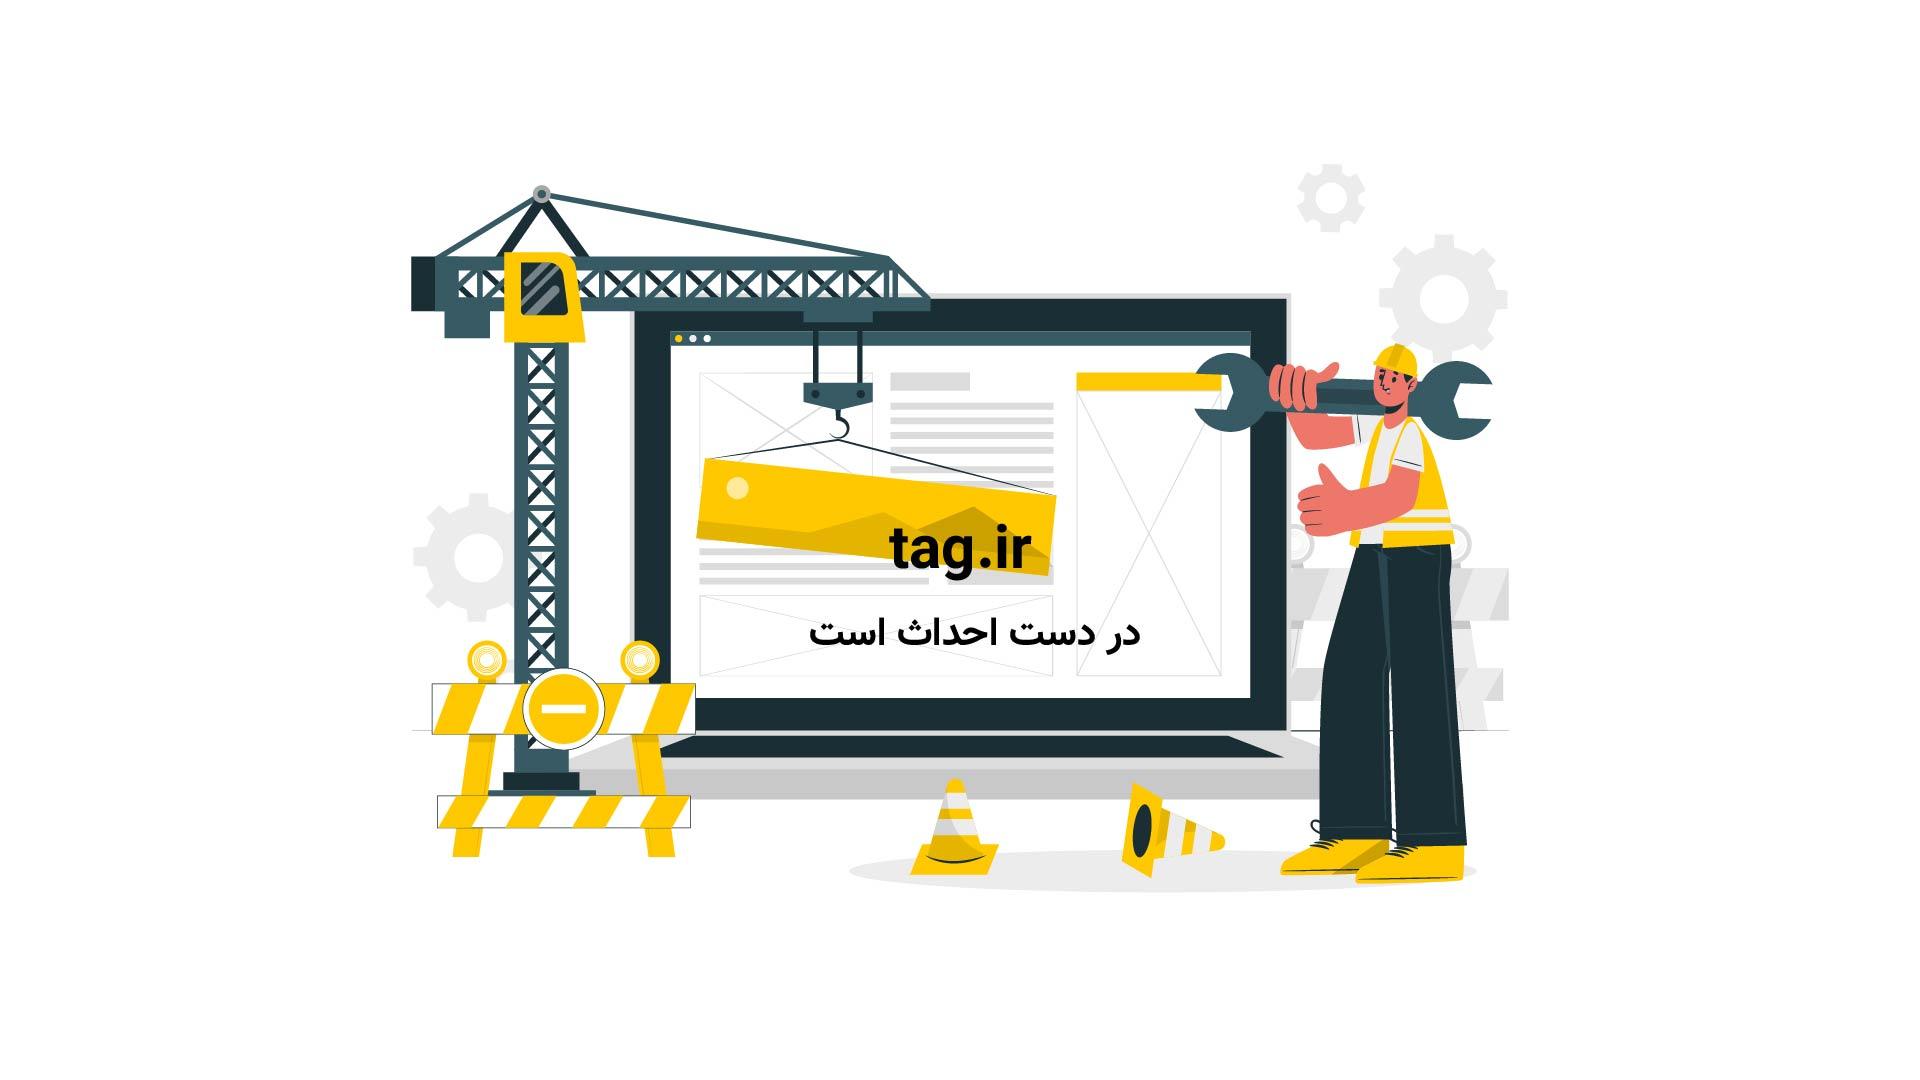 کشف رژیم غذایی اسپاینوسوروس از روی فسیلهای پیدا شده | فیلم